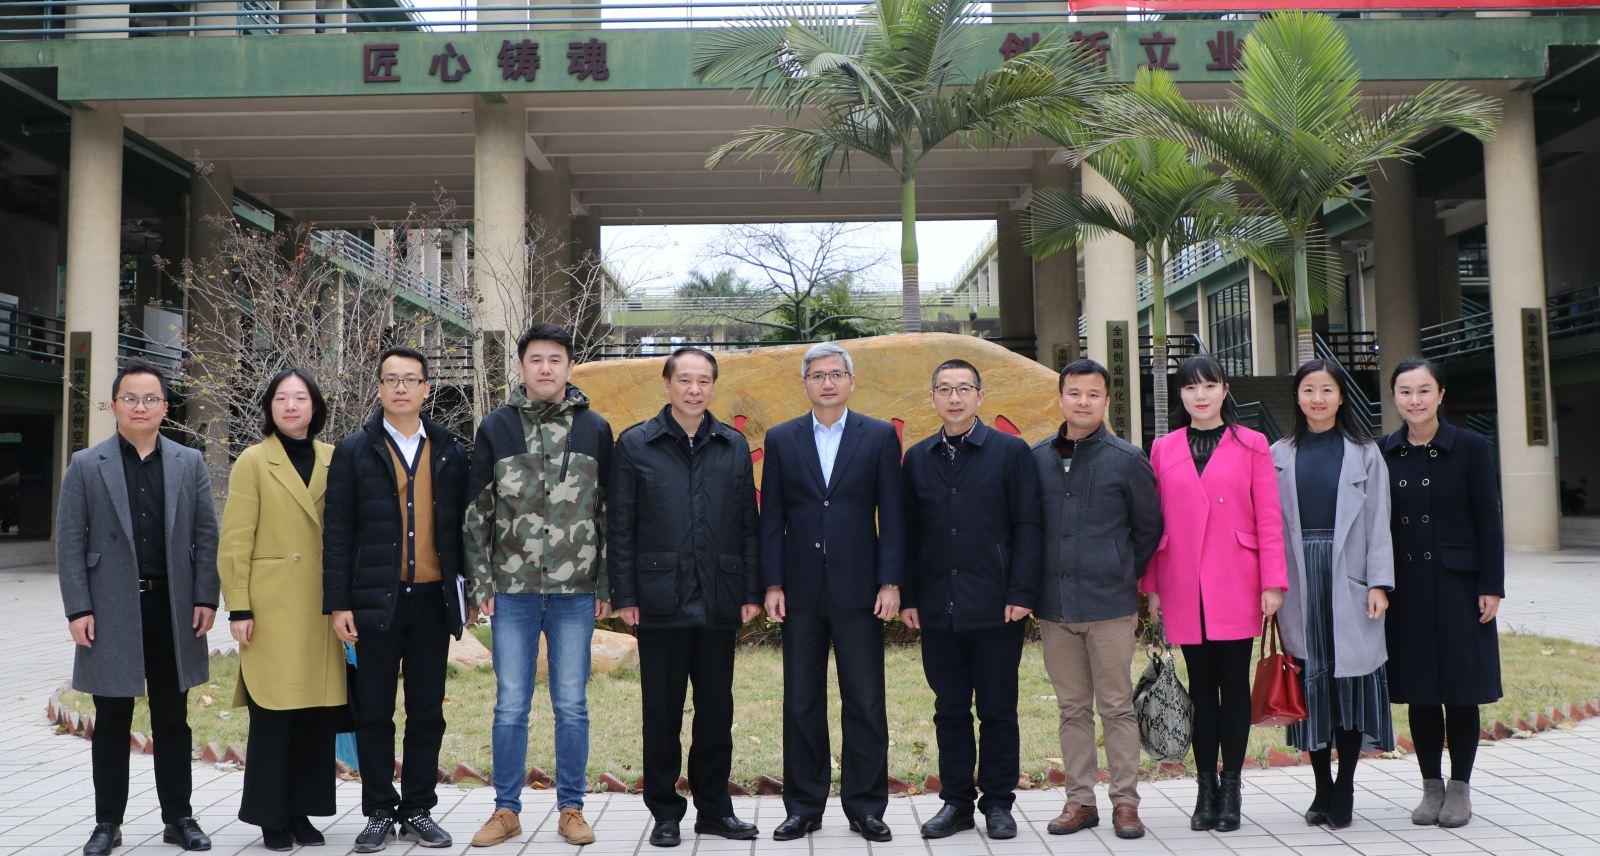 湖北工业大学王侃副校长一行来访调研就业创业工作